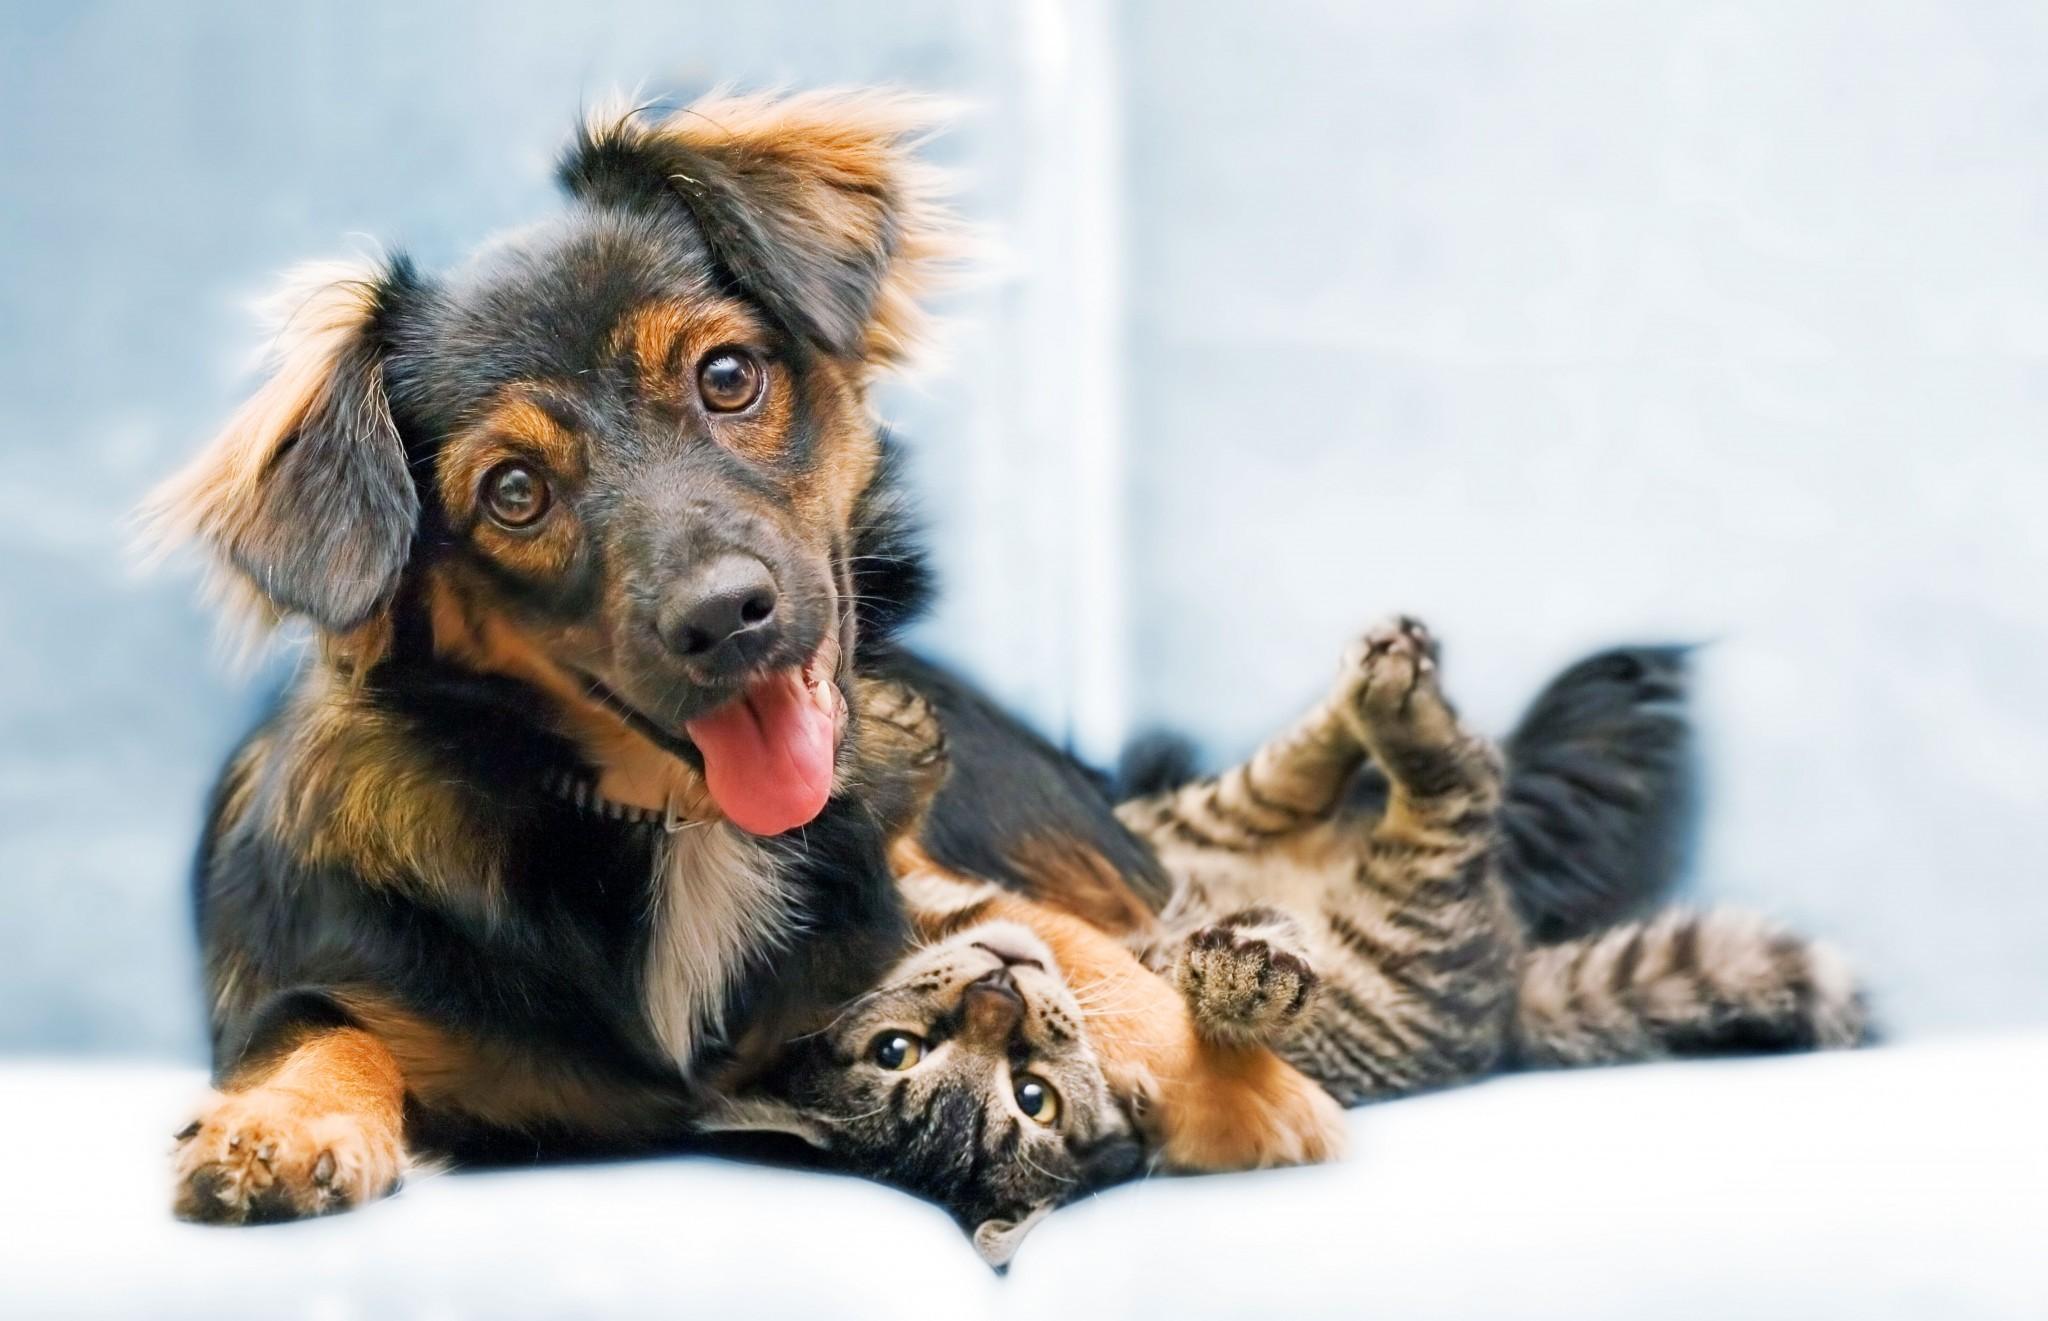 adopta_un_animal_adoptii_caini_pisici